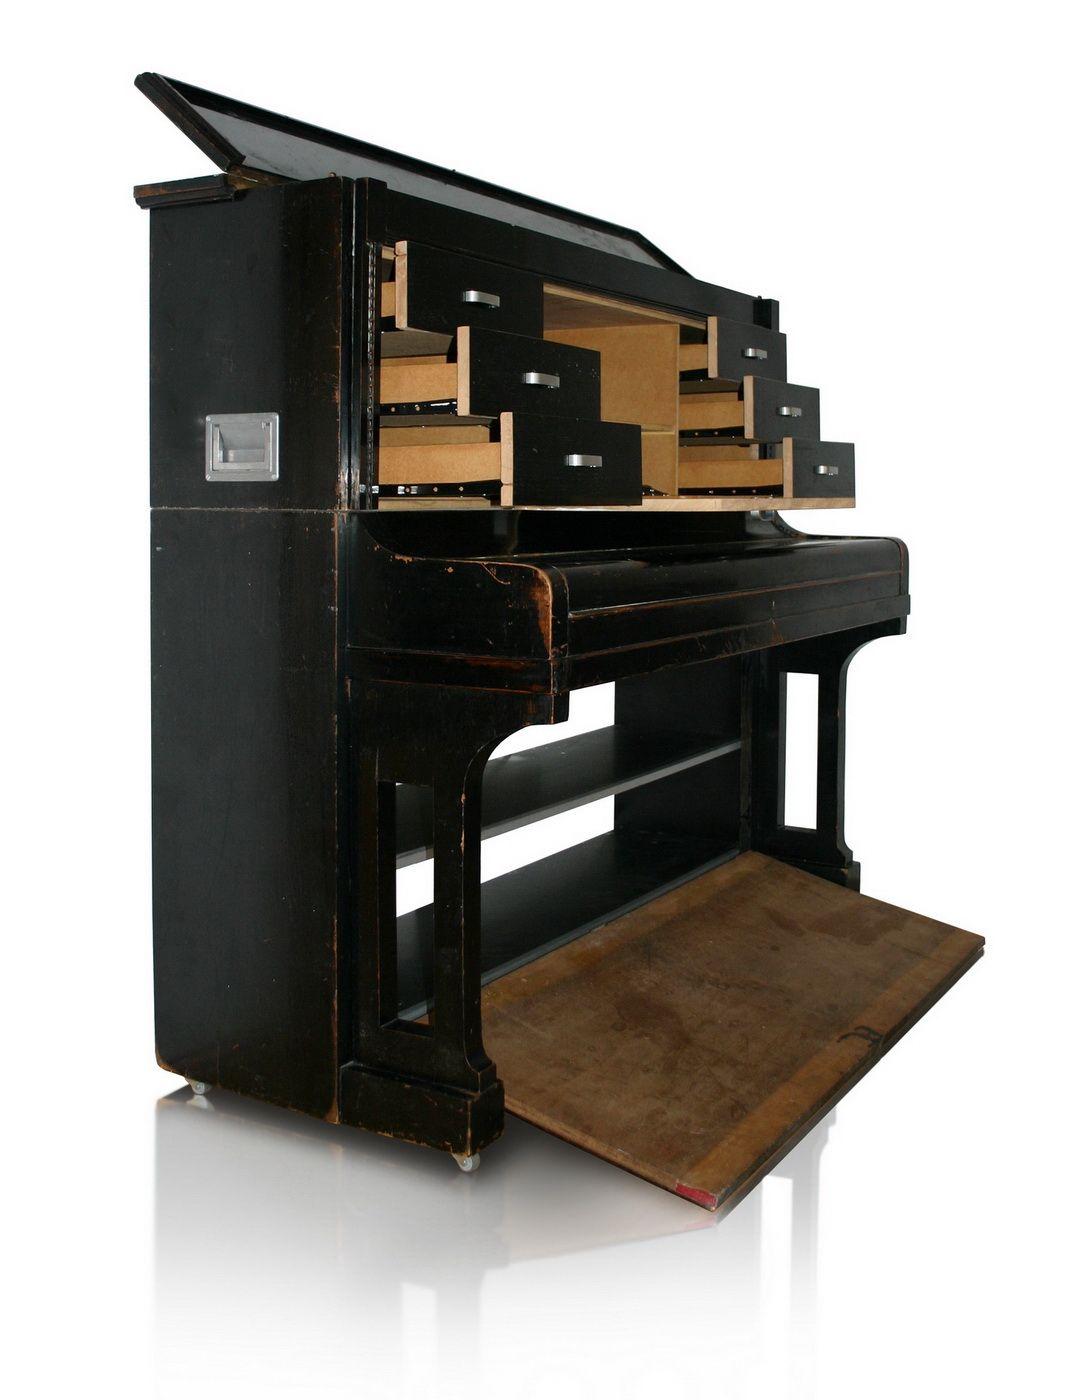 piano m 246 bel klavier umbauen klavier wohnzimmer alte klaviere klavier